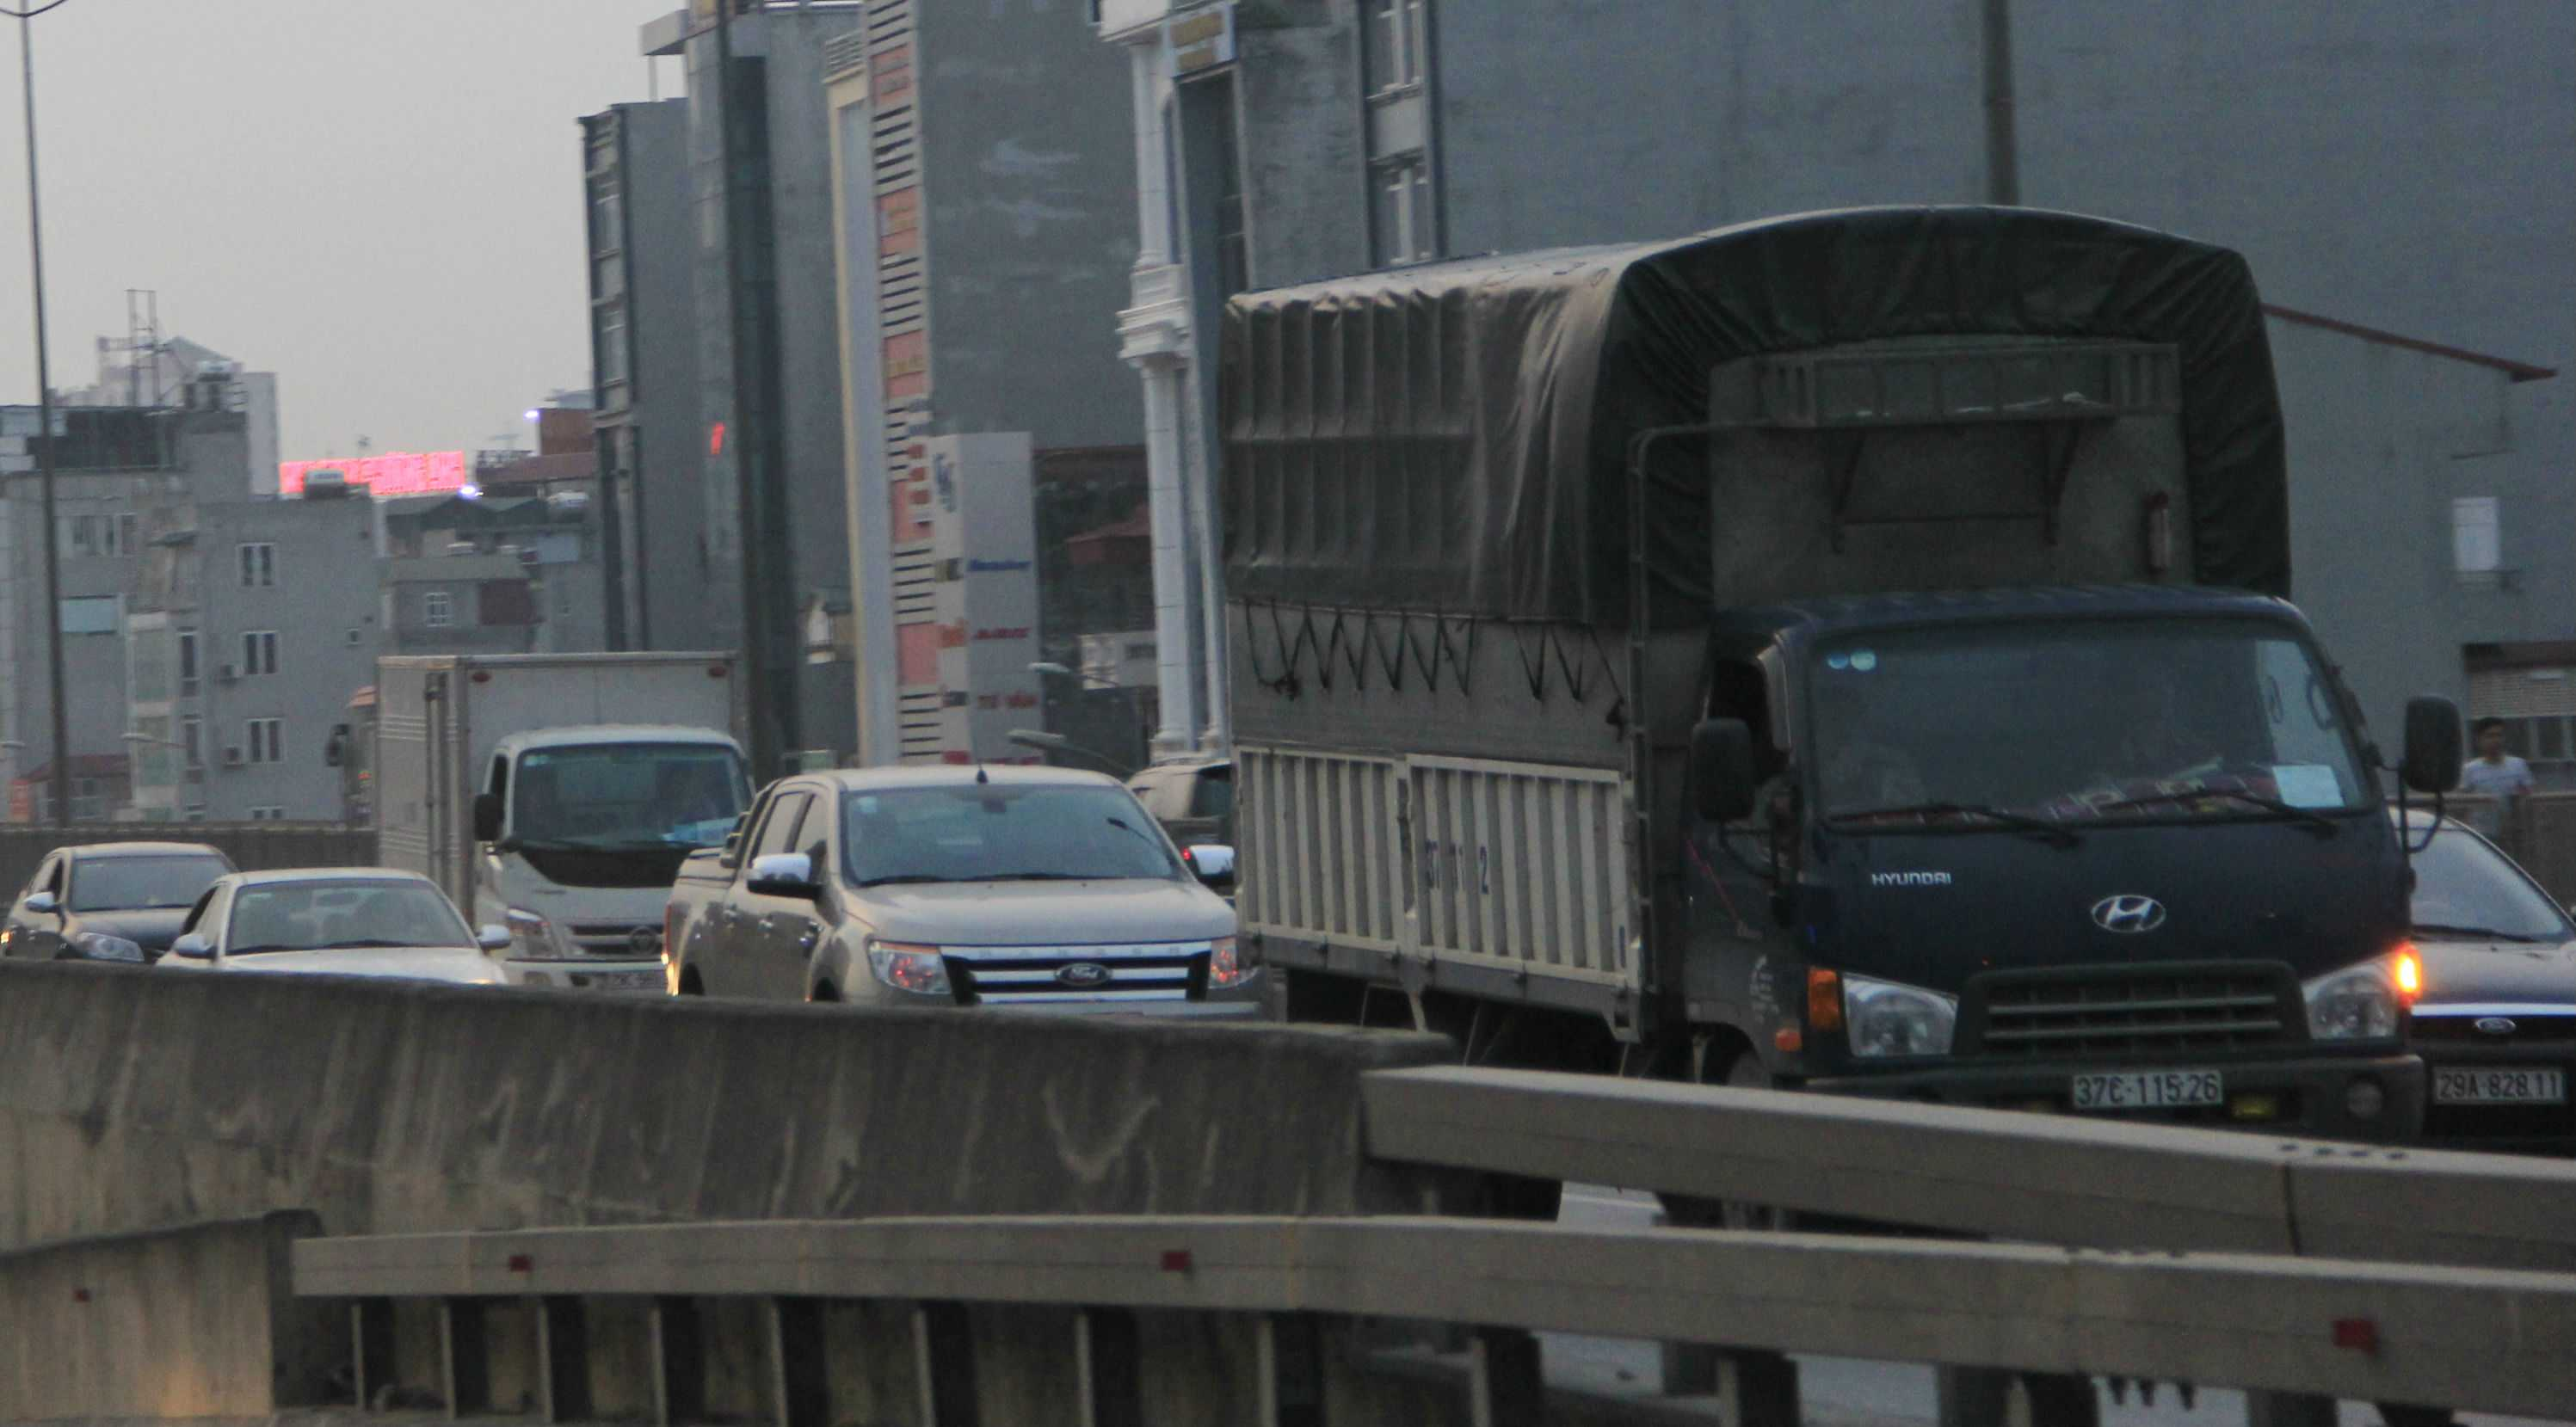 Tới 17h, lượng phương tiện ở đường cao tốc trên cao vẫn rất đông đúc.